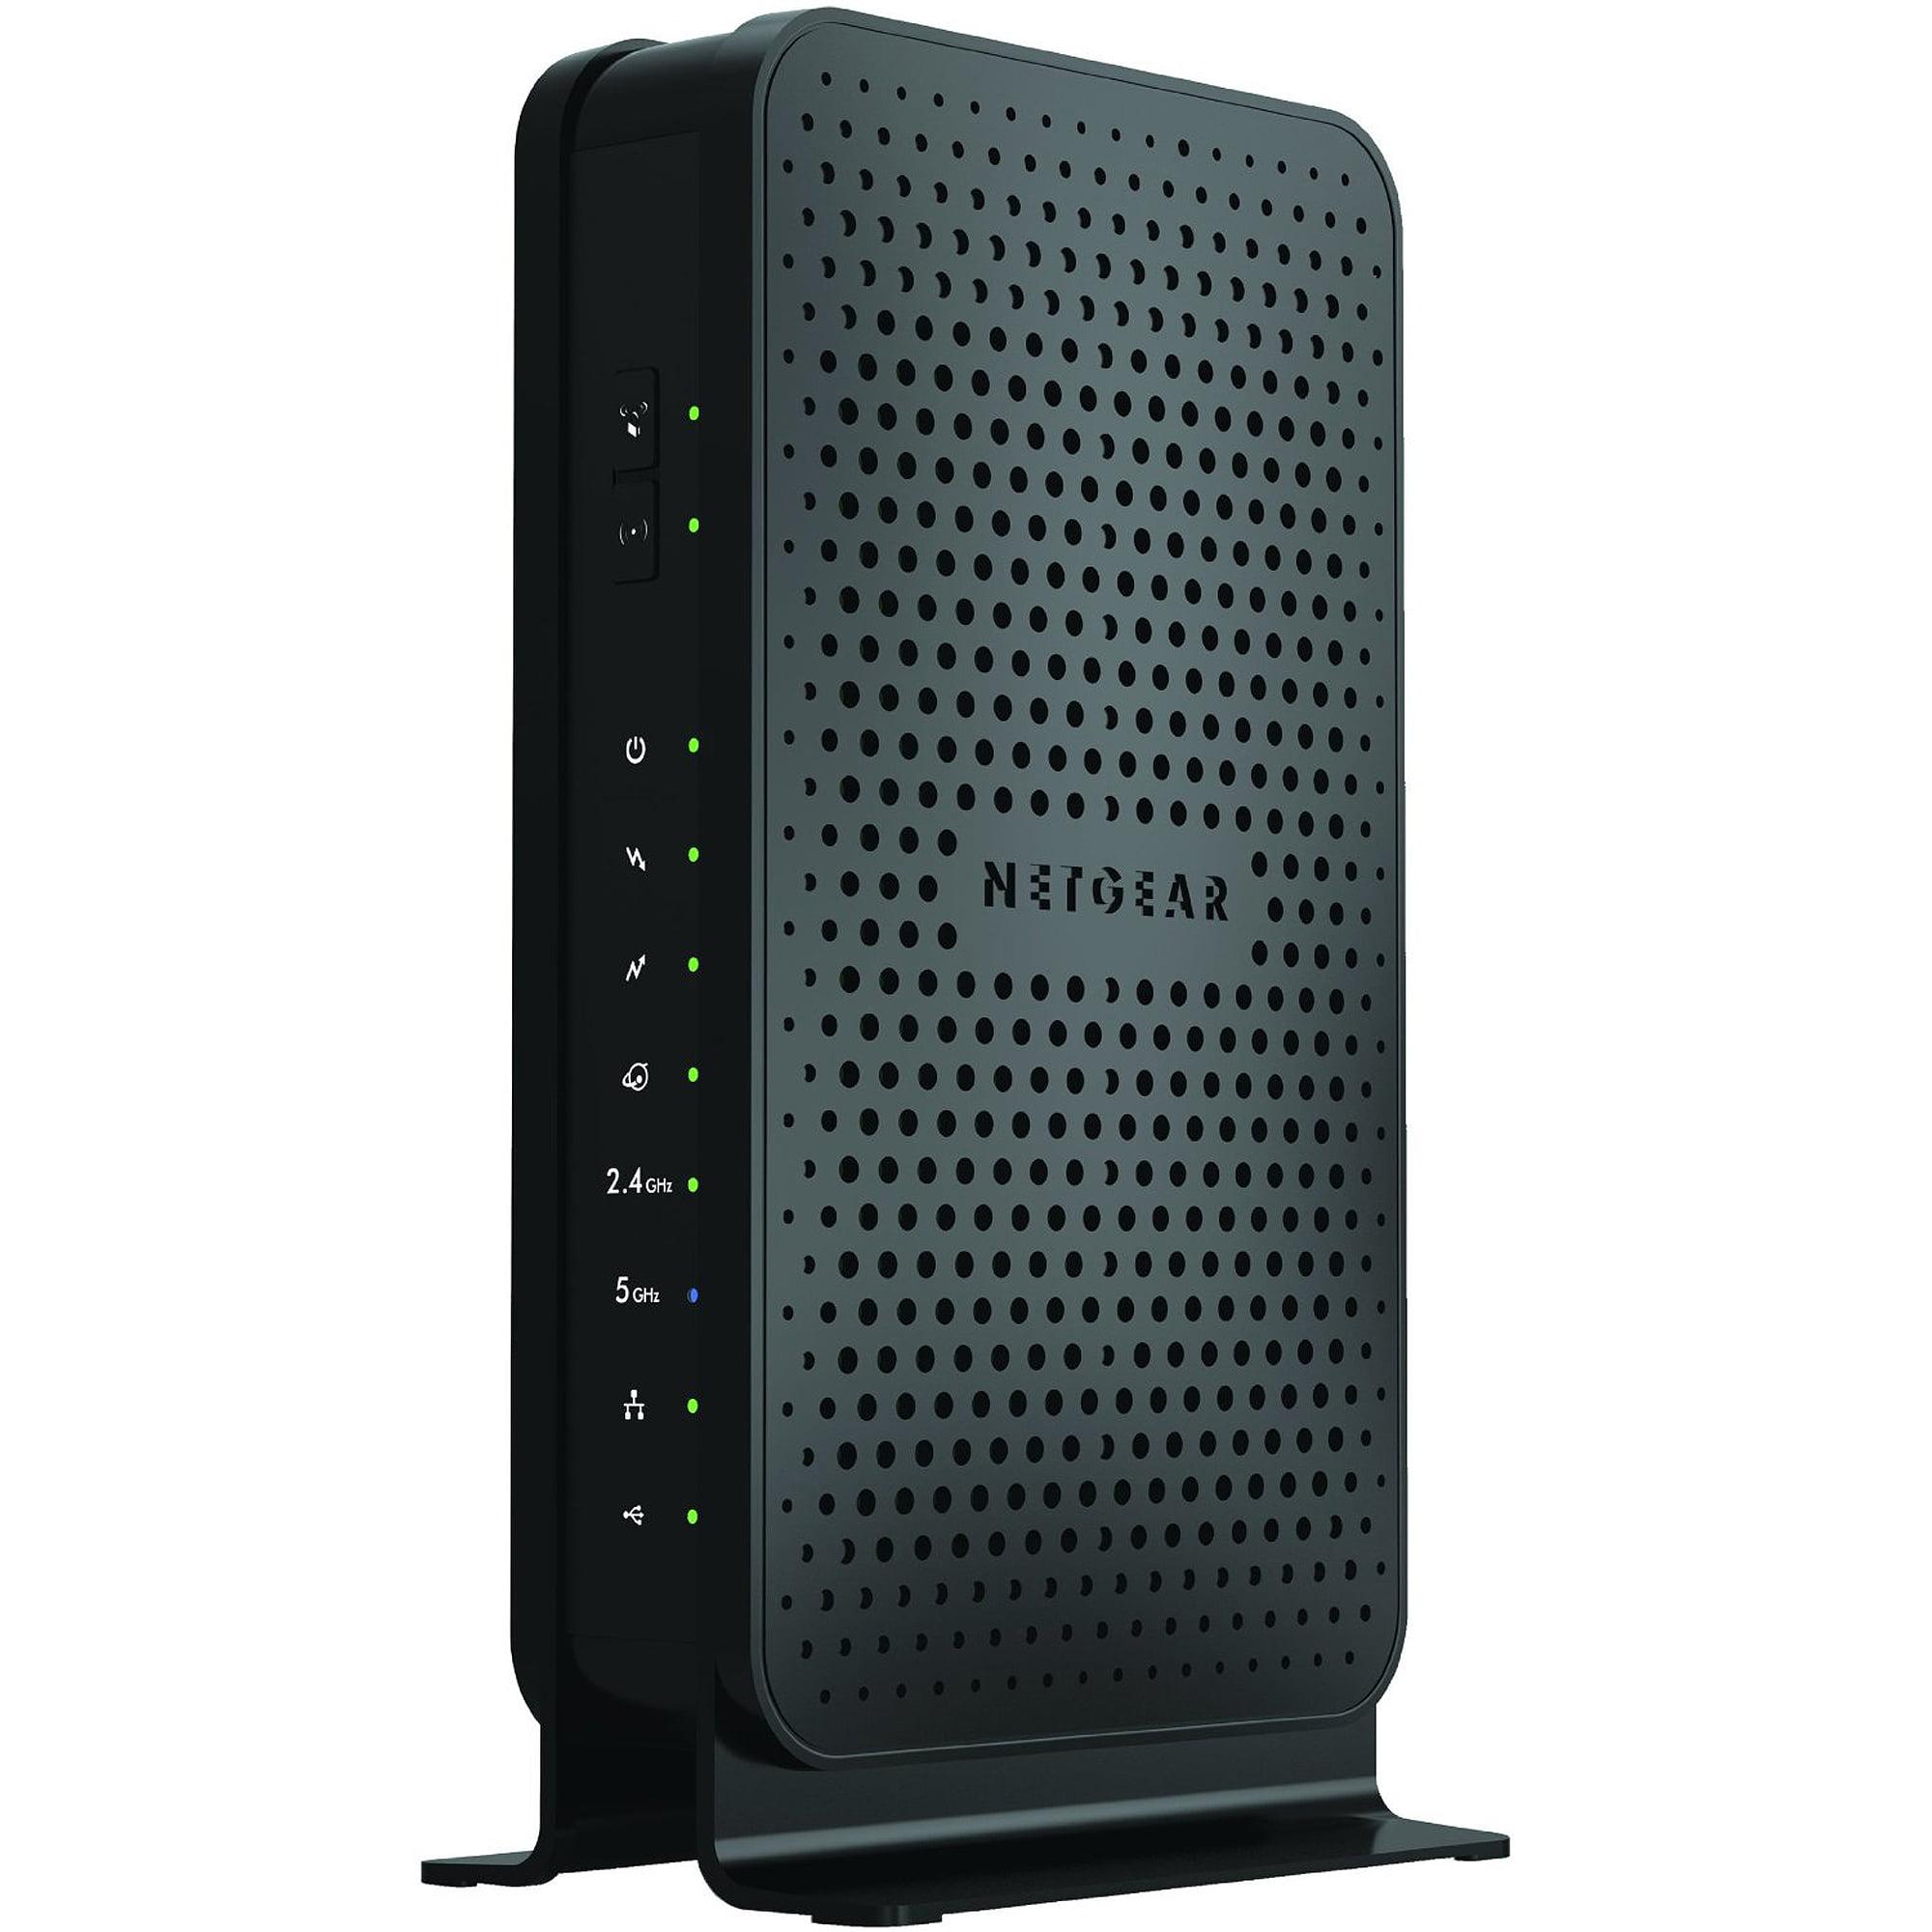 NETGEAR N600 Cable Modem Router (C3700)